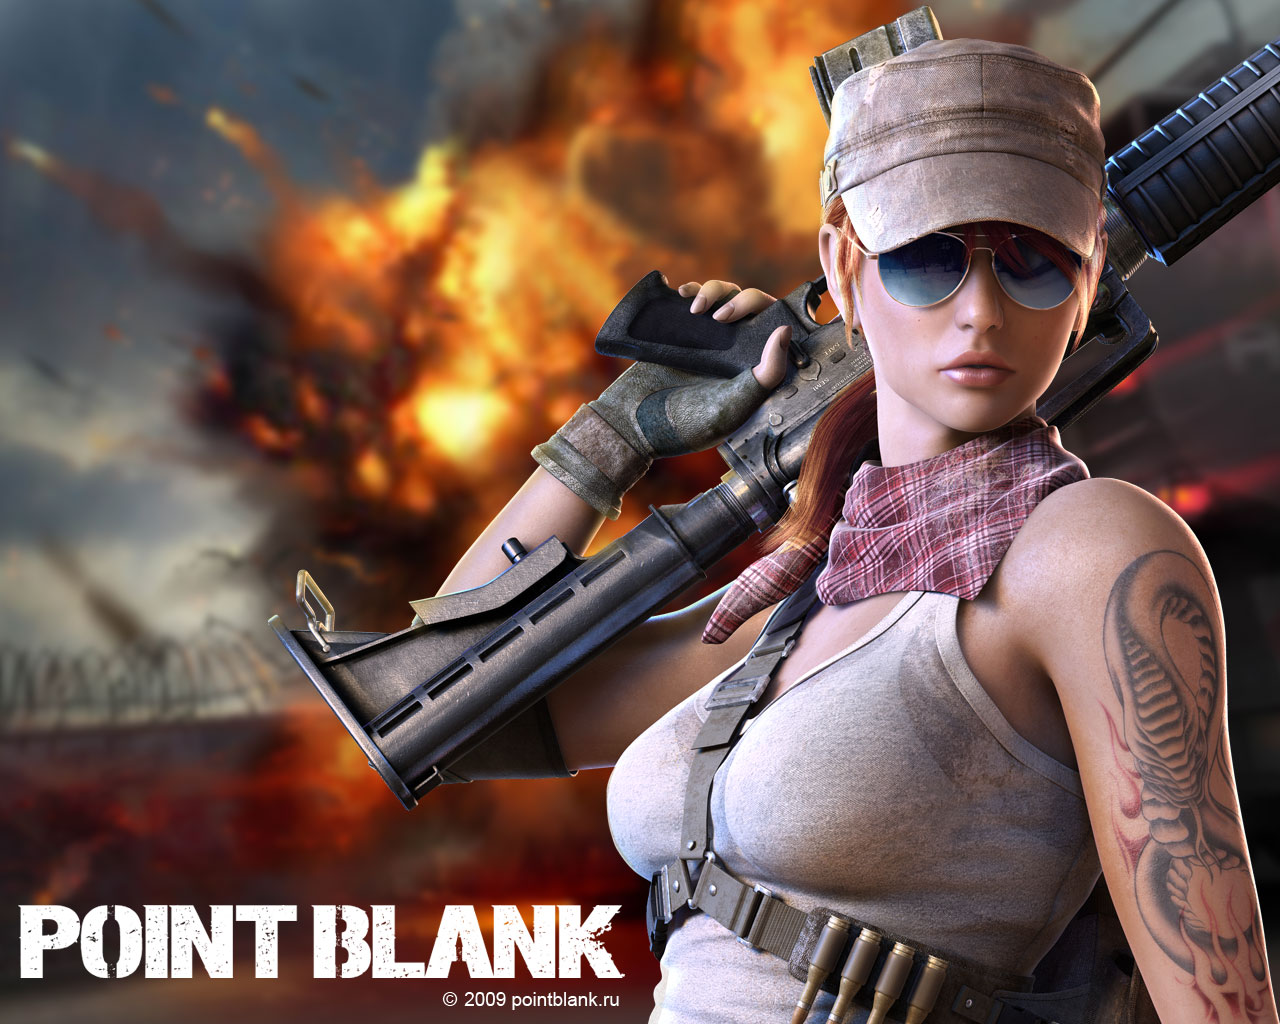 http://1.bp.blogspot.com/-gBLumA87MaA/UFcdRRO-g6I/AAAAAAAAA14/nrseEWd6HnU/s1600/pointblankindonesiawallpaper.jpg